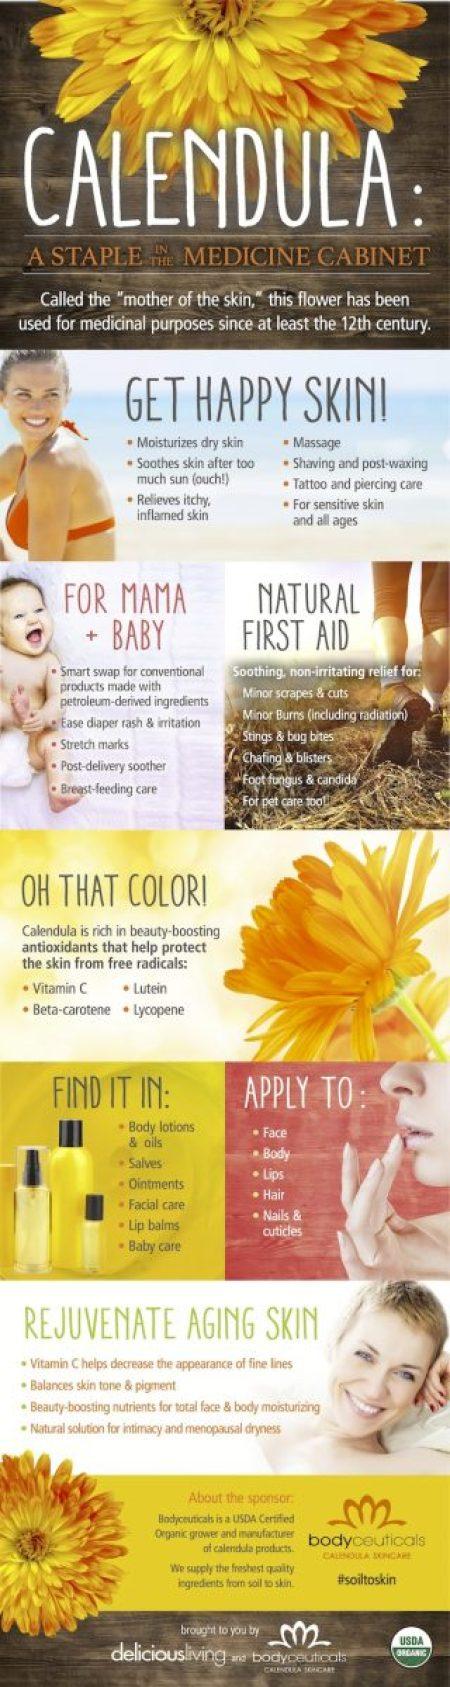 Why Calendula is Good for Skin // www.mindfulmomma.com